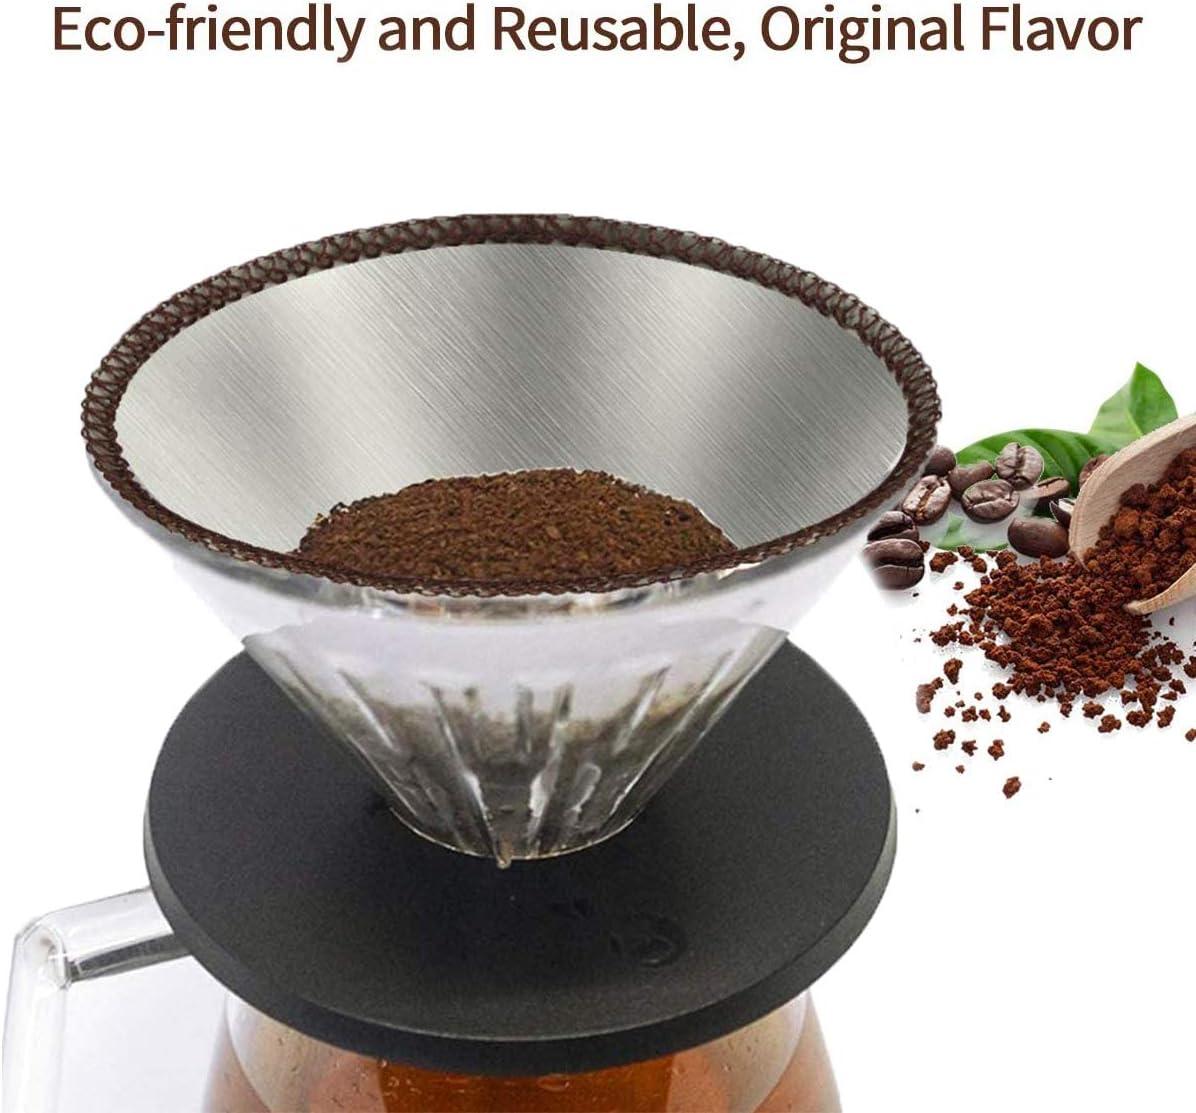 de 2 a 6 tazas para tazas 2 a 6 tazas jarras tazas con forma de cono de goteo sin papel de acero inoxidable soportes de filtro Filtro de caf/é reutilizable